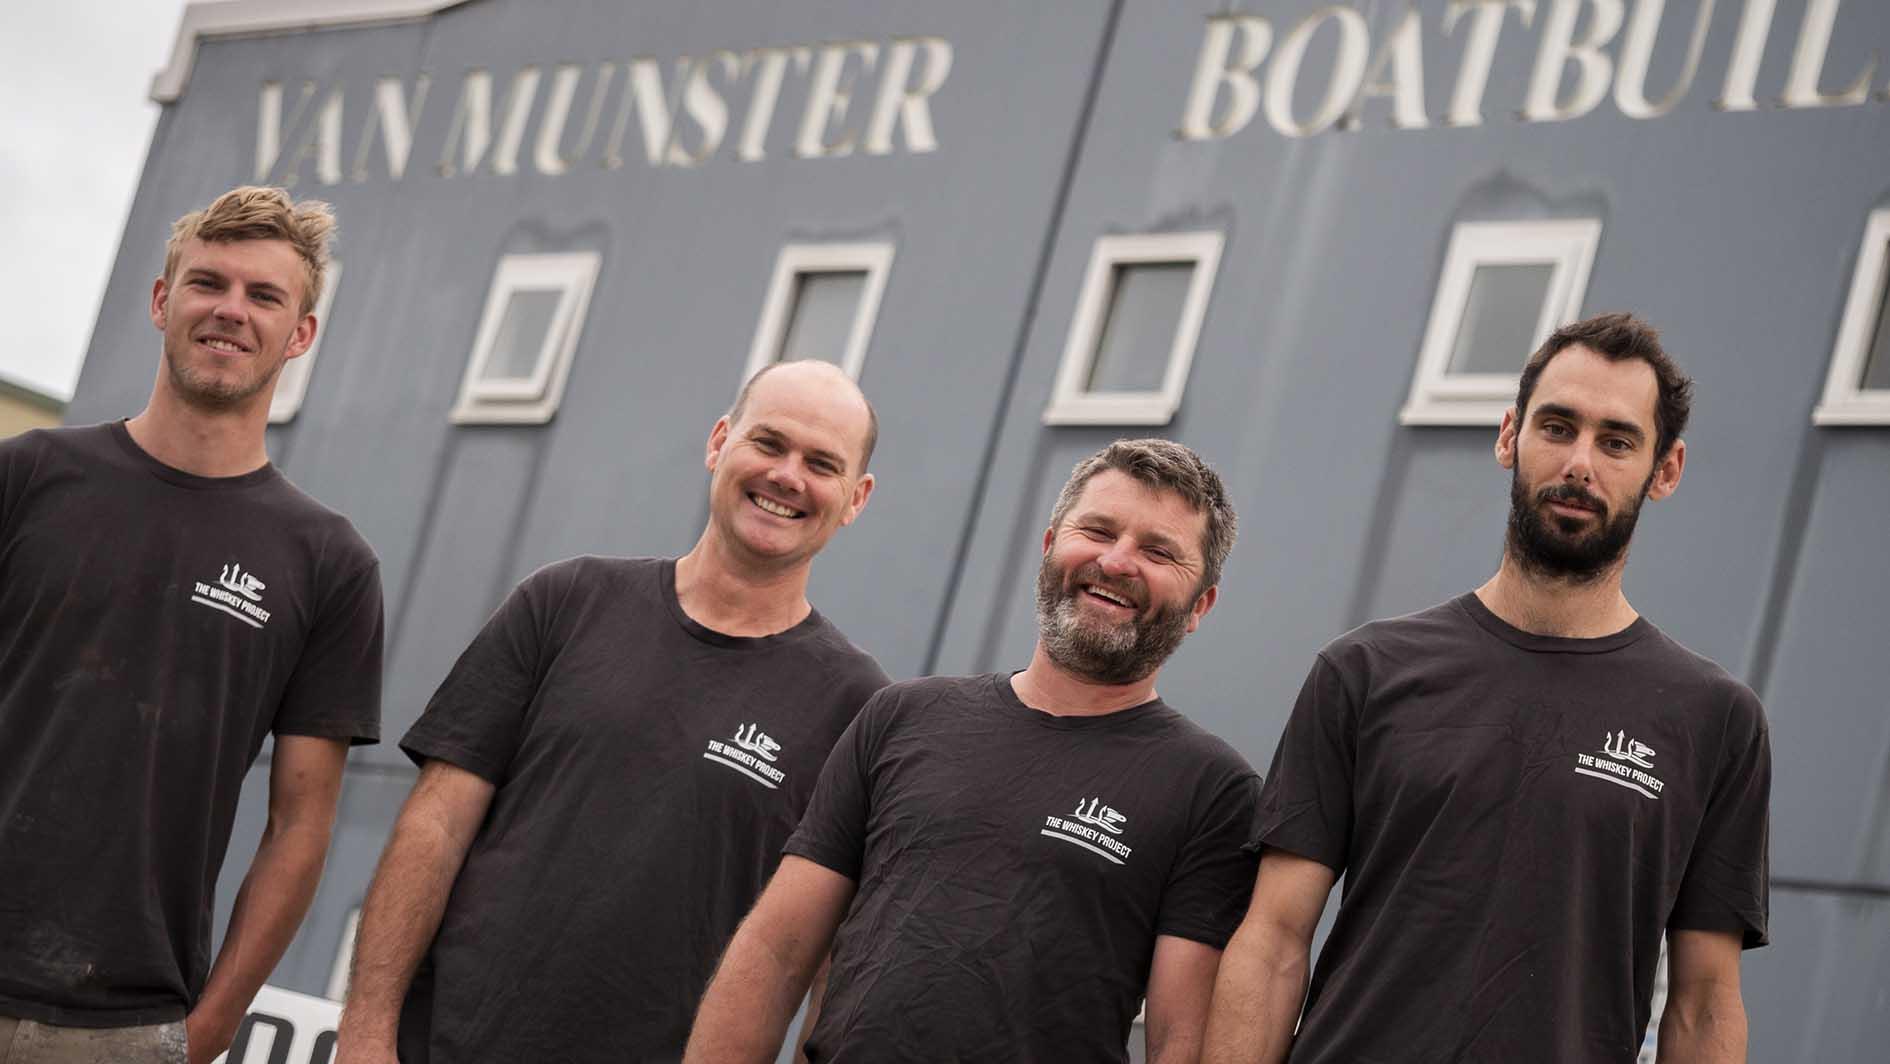 The Van Munster Team